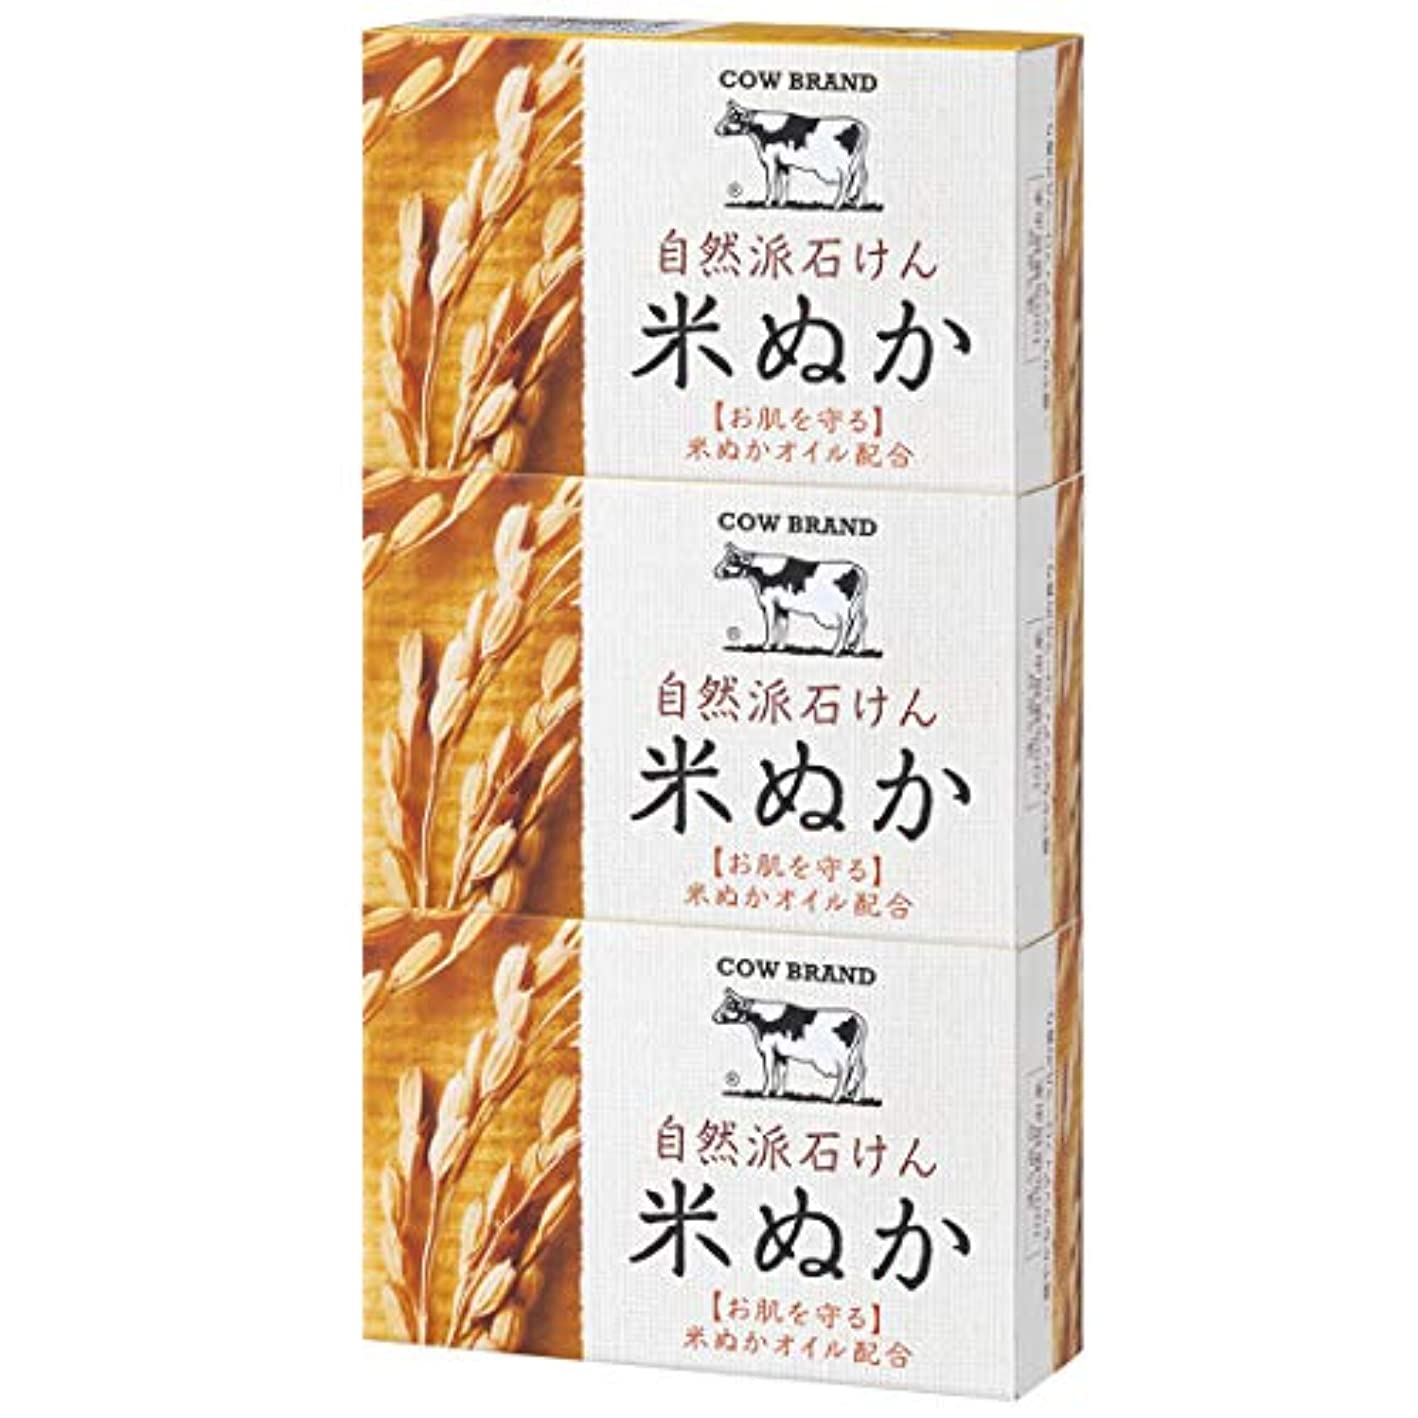 反射用量量でカウブランド 自然派石けん 米ぬか 100g*3個